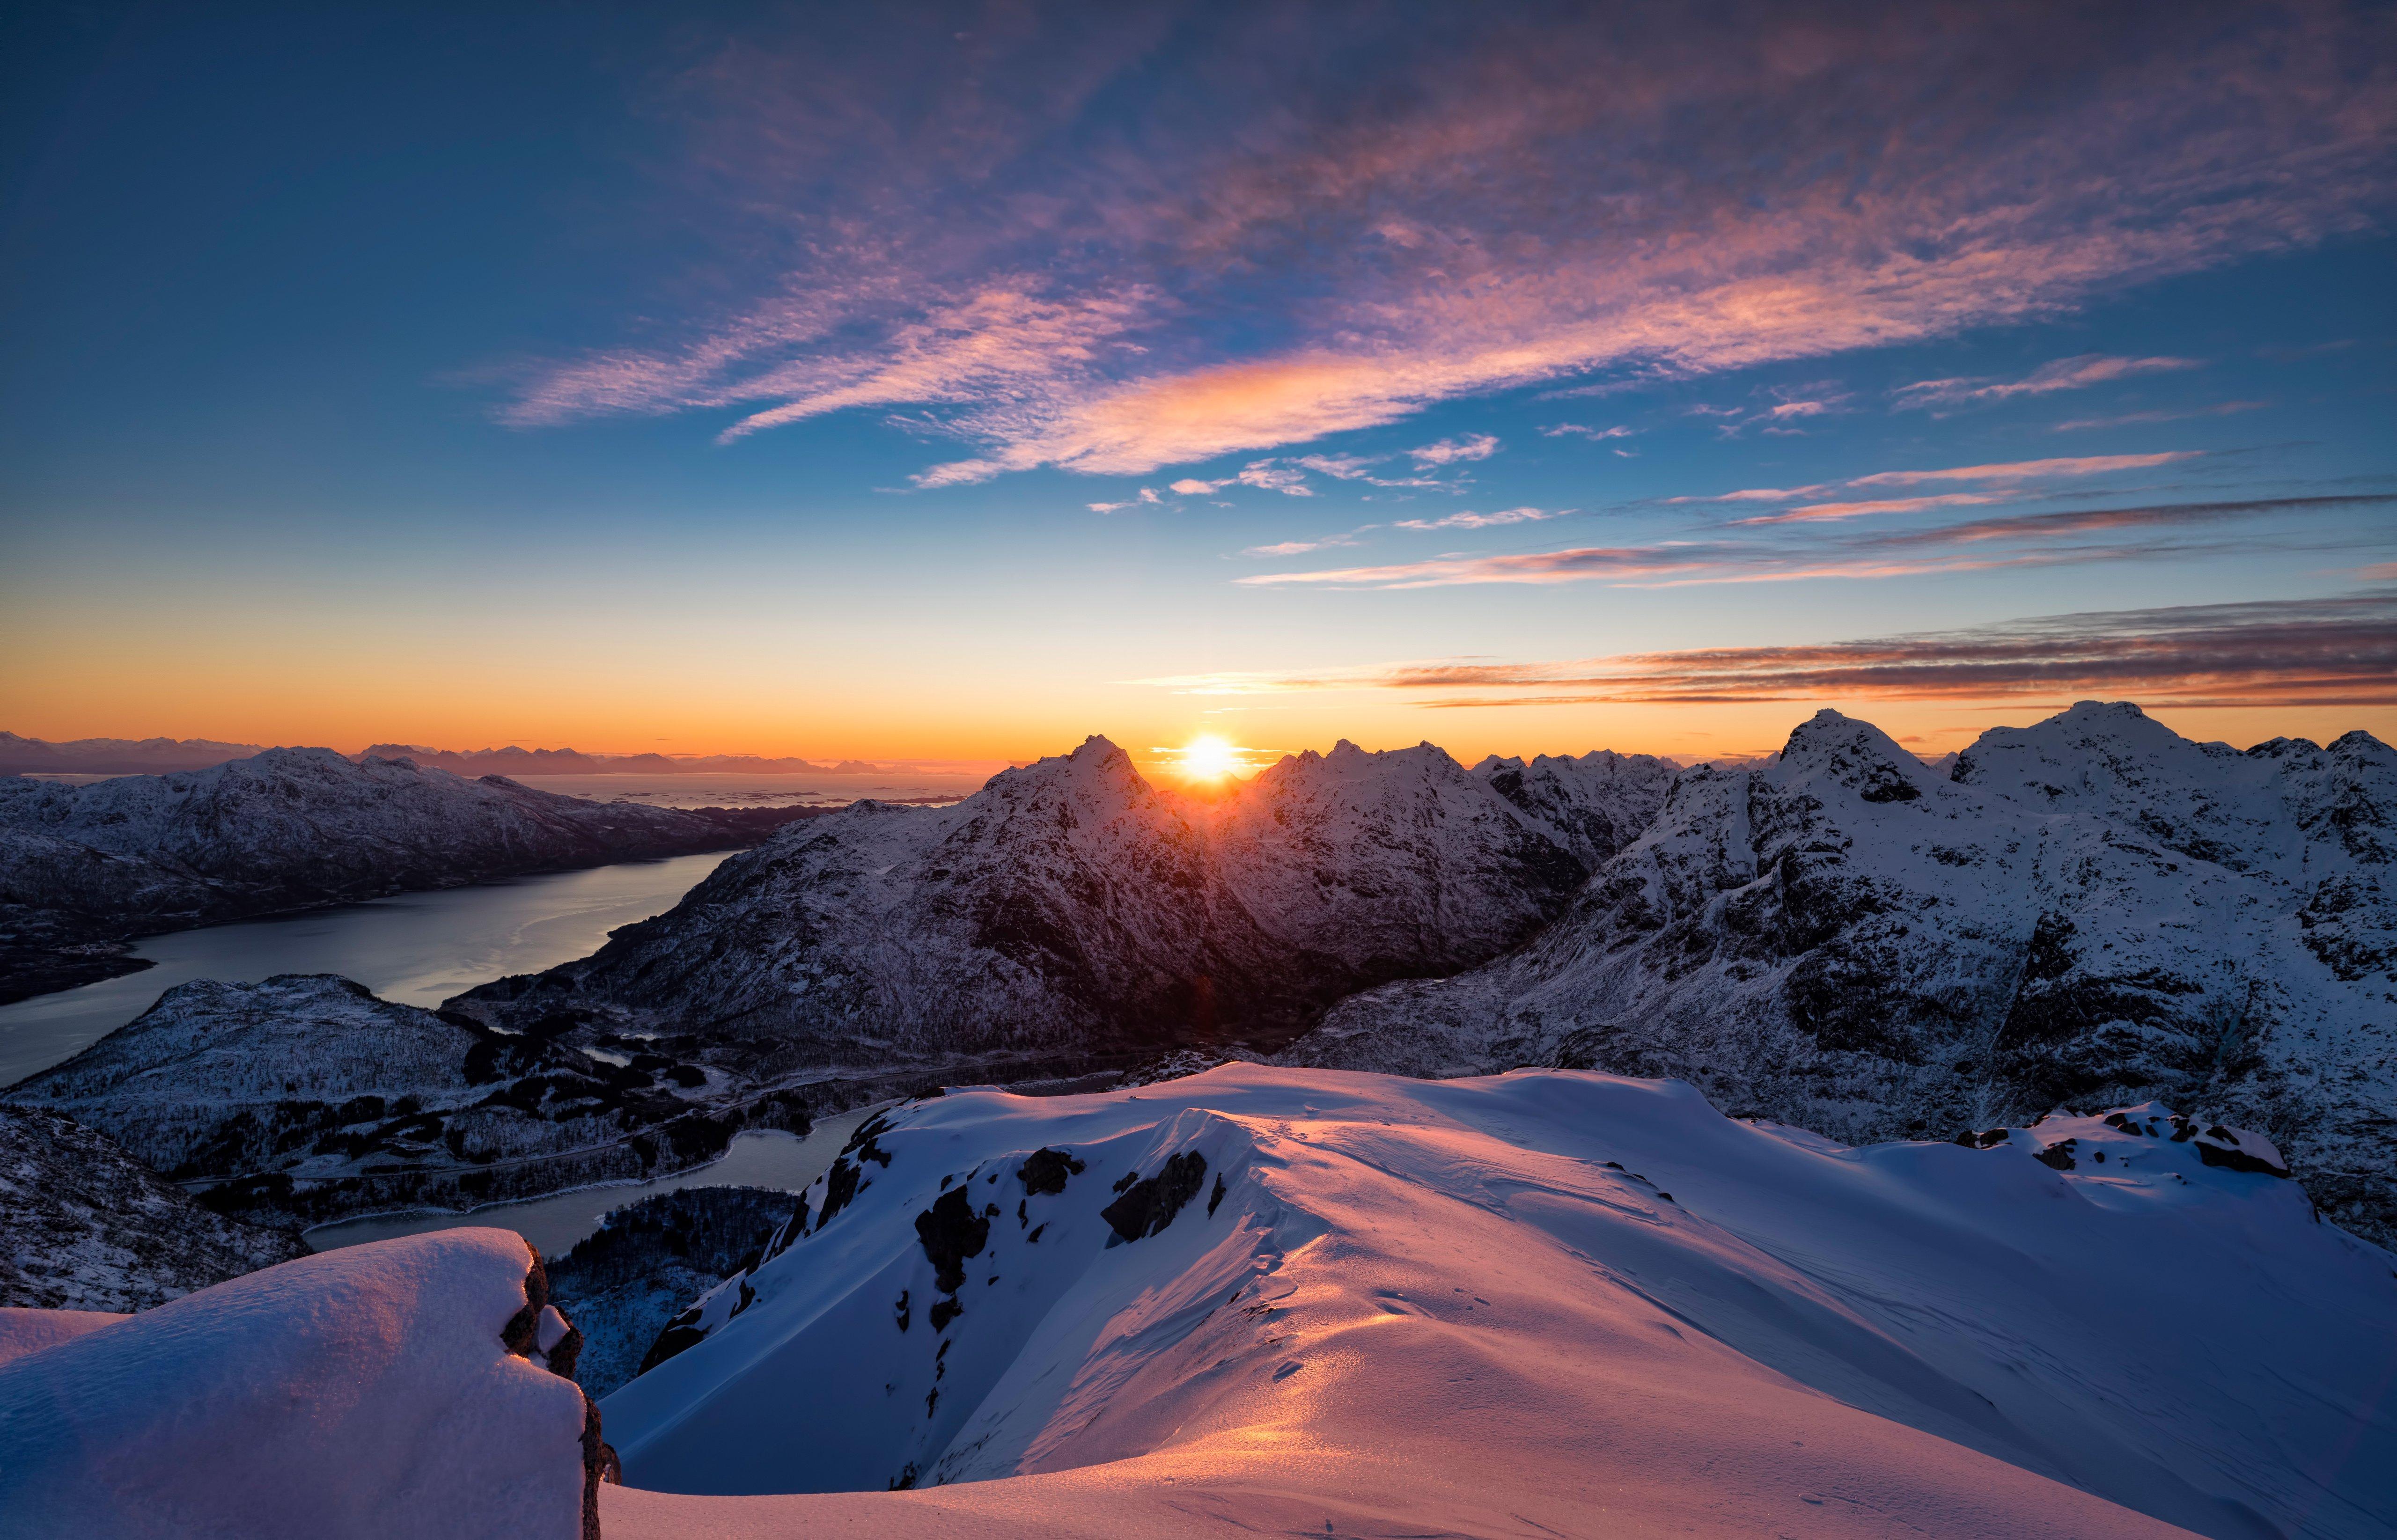 Fondos de pantalla Atardecer en las montañas nevadas